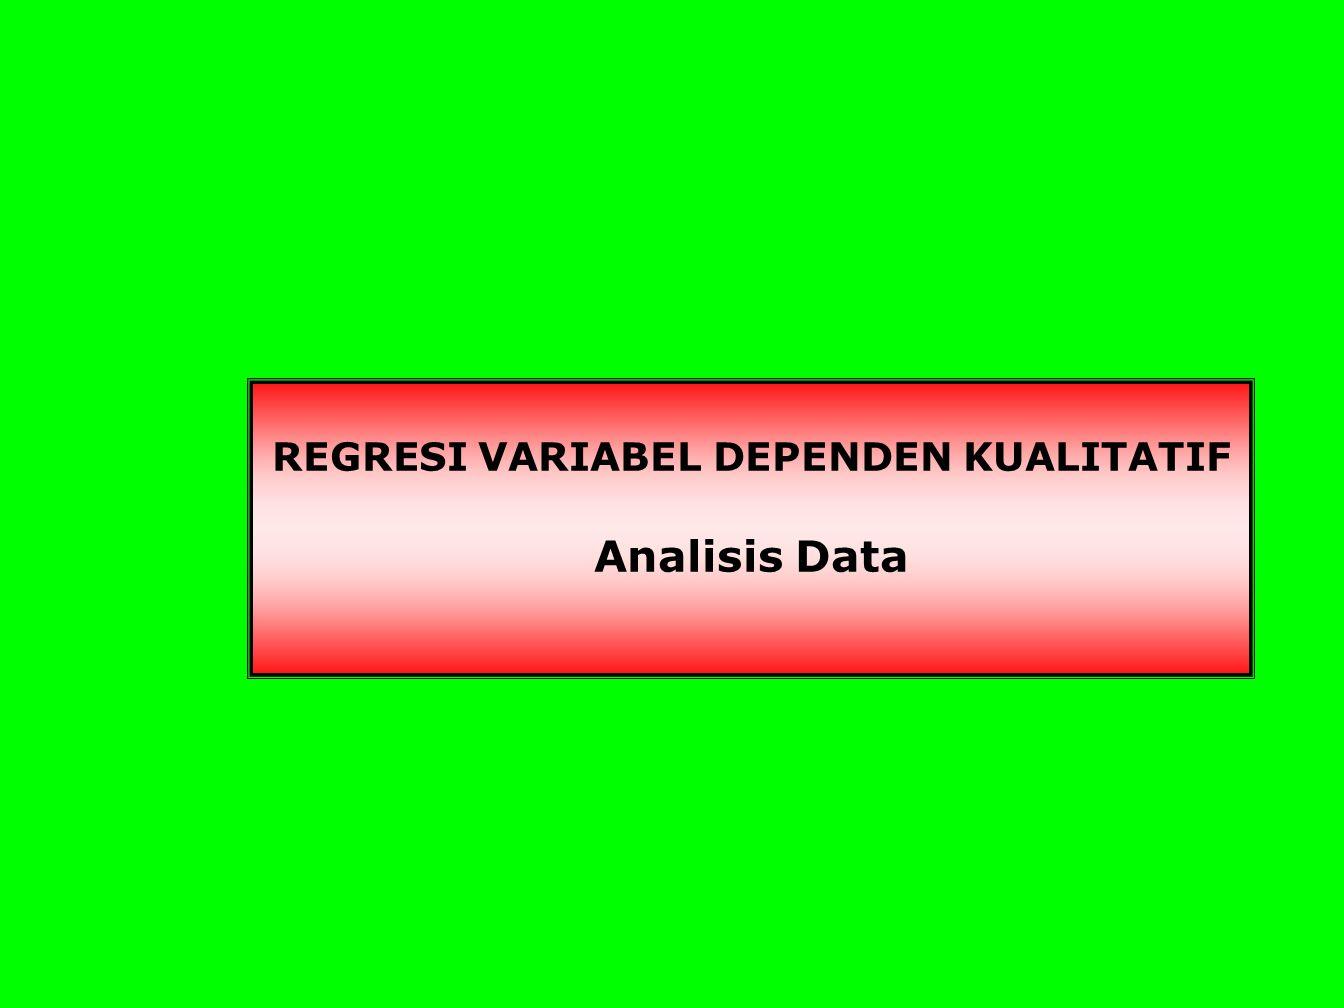 REGRESI VARIABEL DEPENDEN KUALITATIF Analisis Data